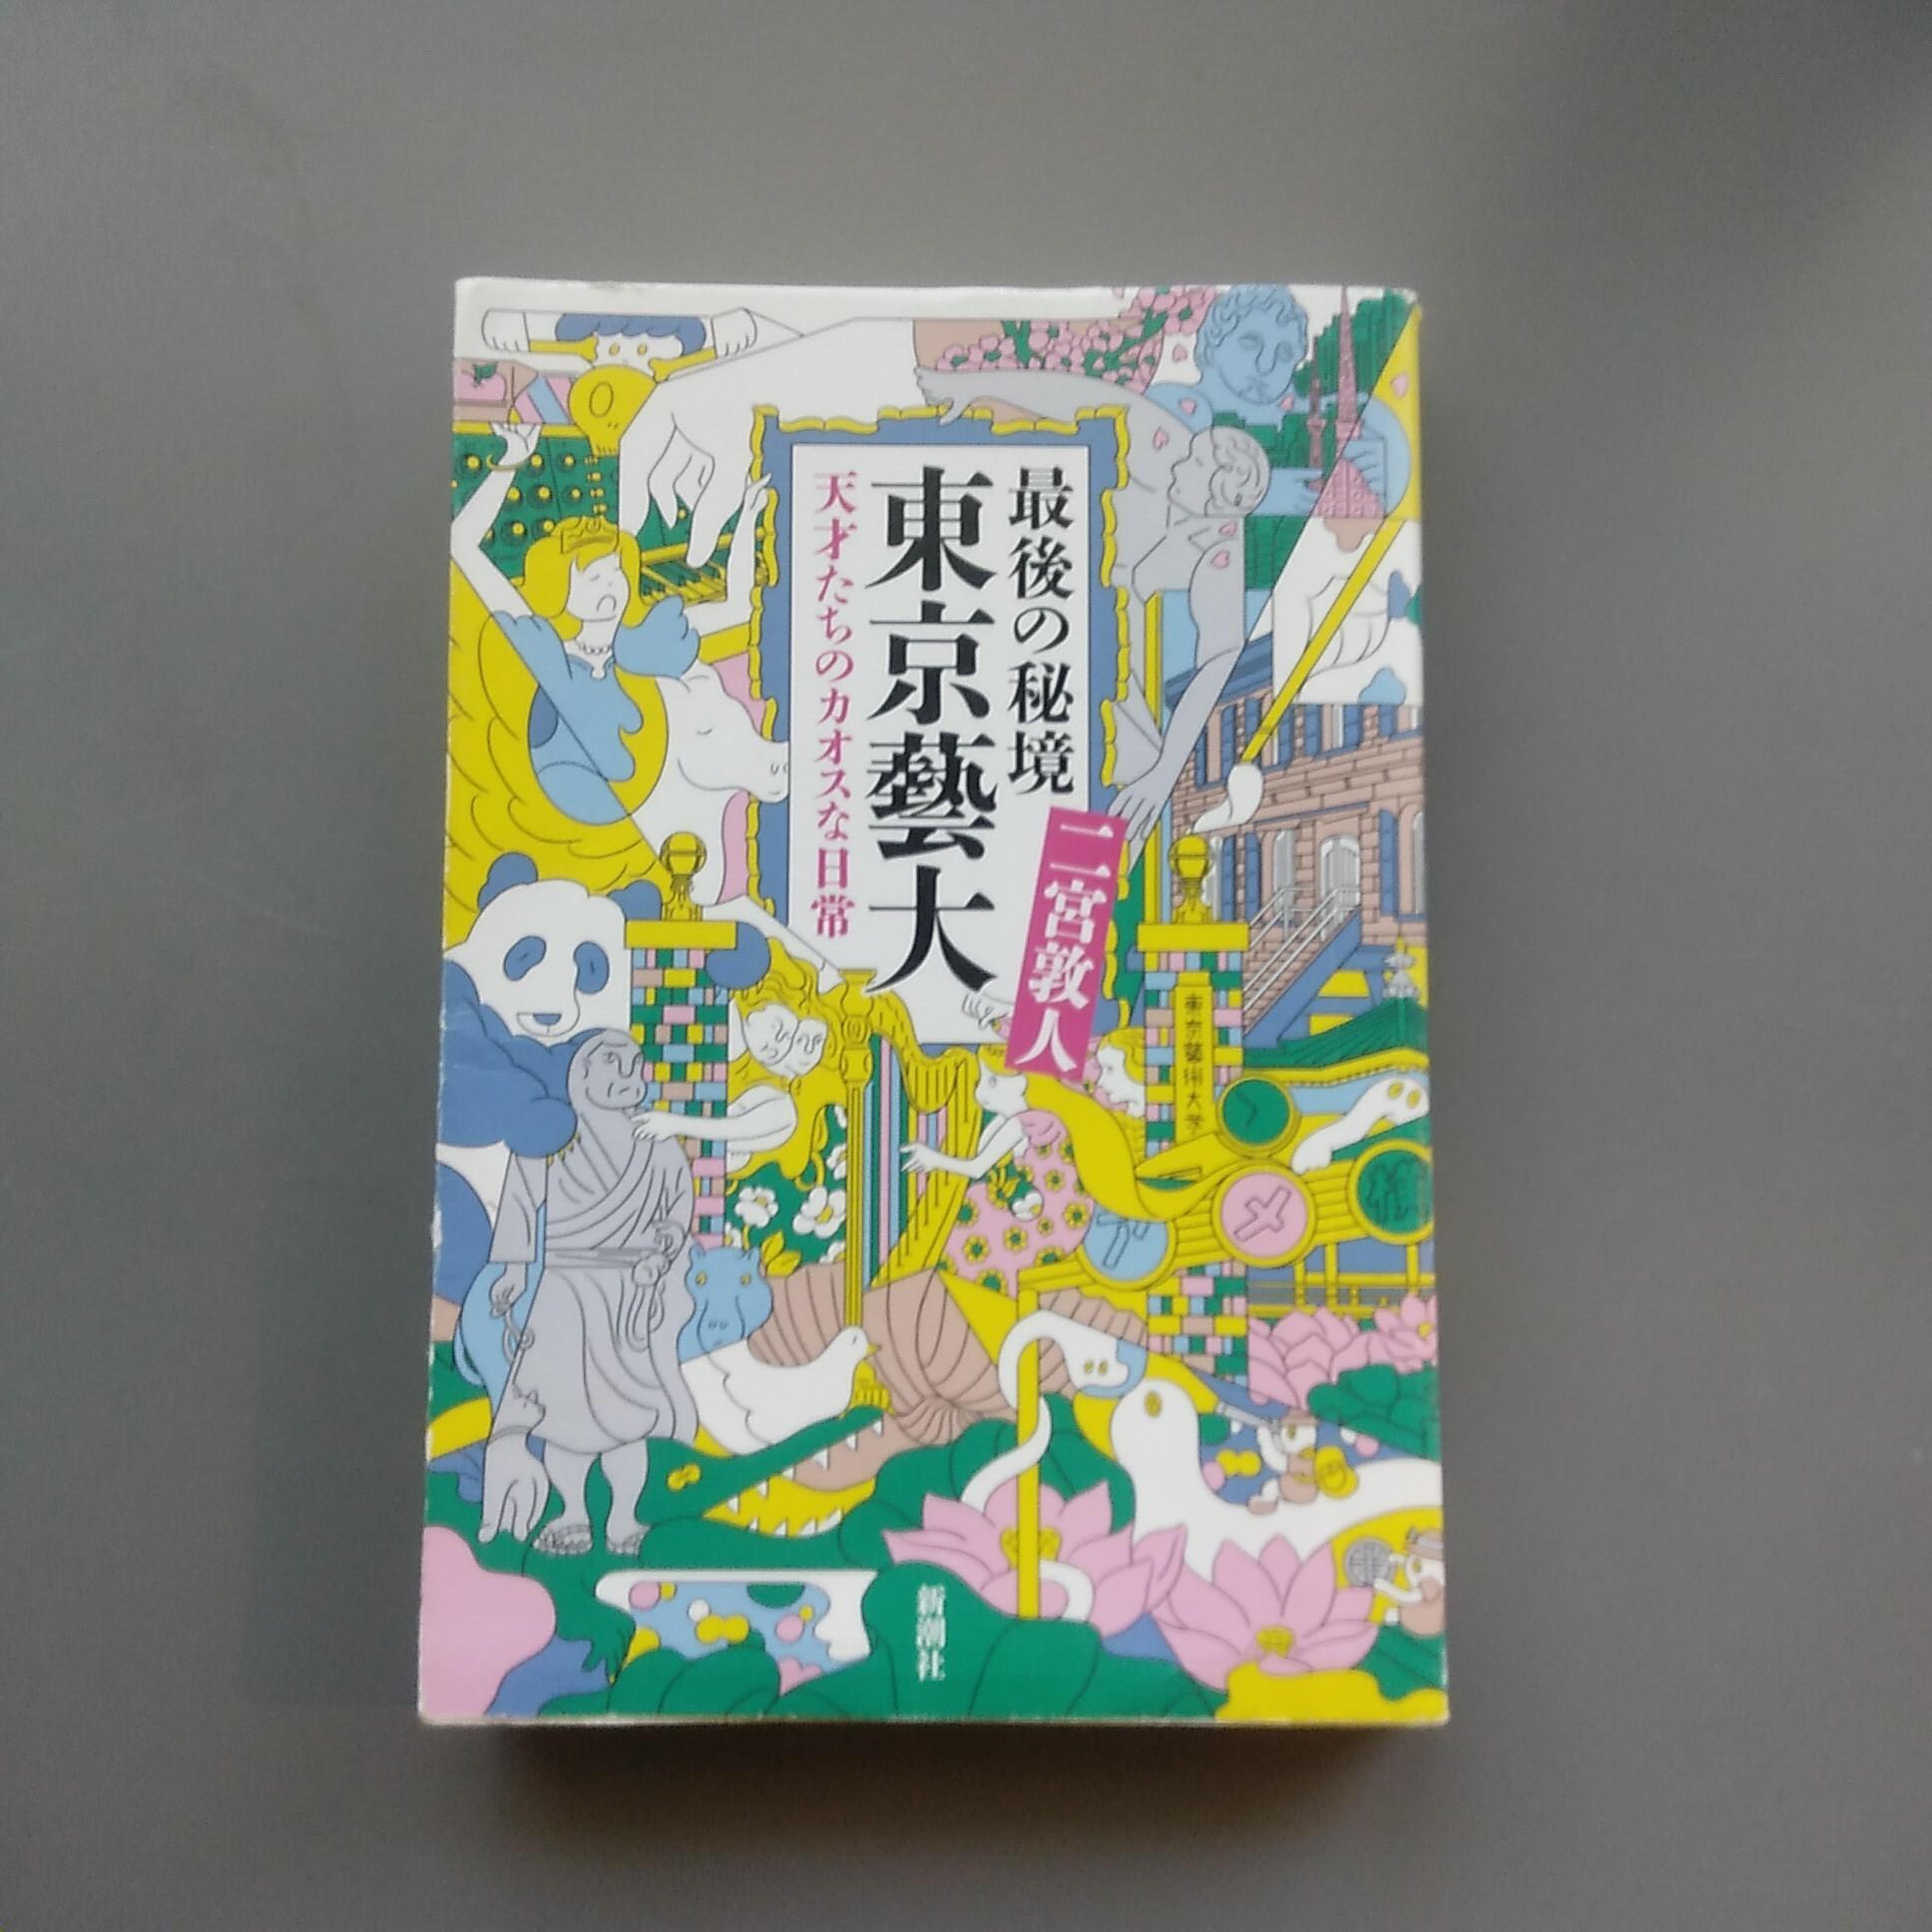 最後の秘境 東京藝大 ~天才たちのカオスな日常